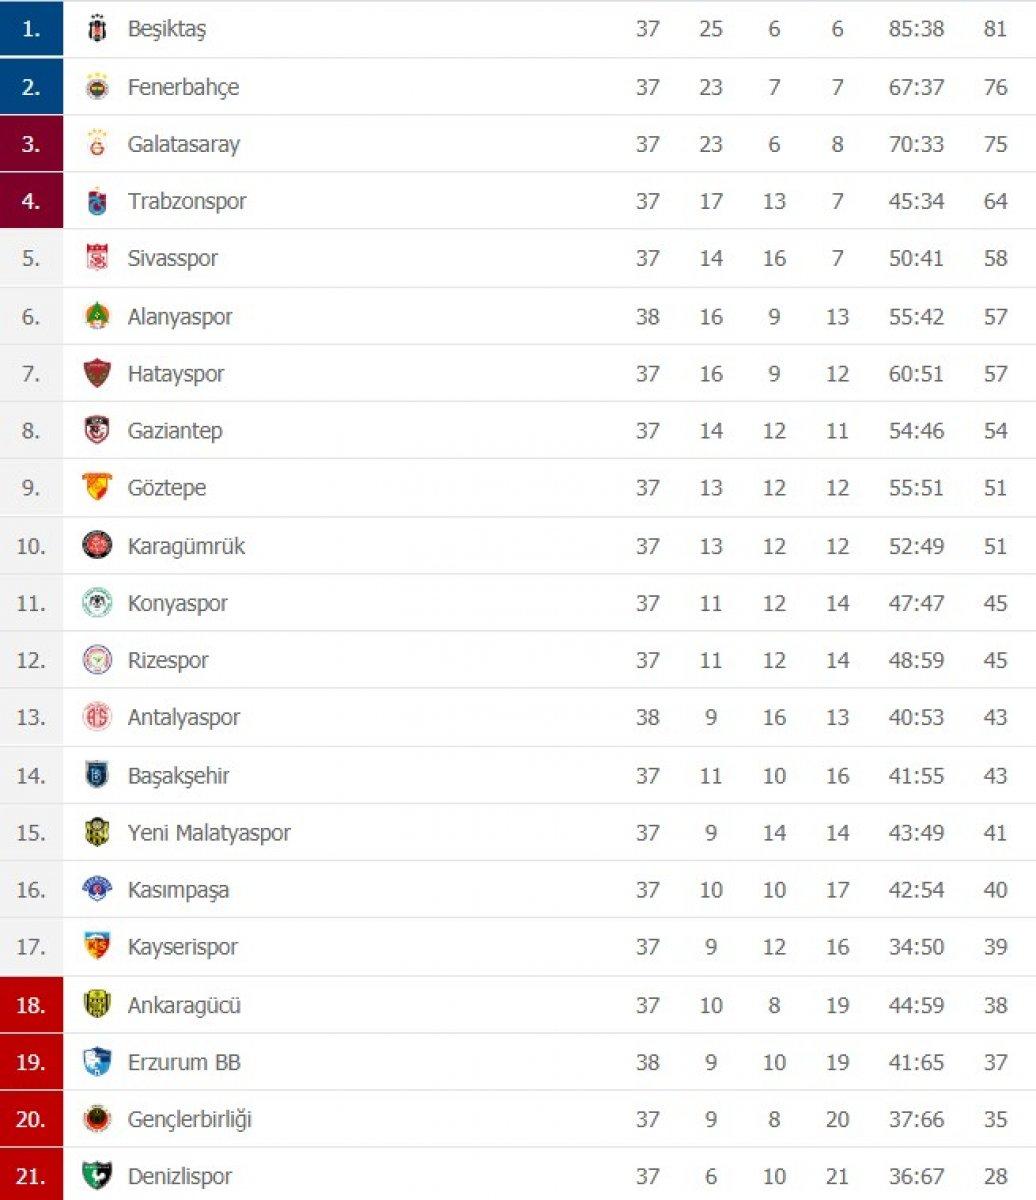 Süper Lig de puan durumu ve gelecek haftanın fikstürü #1